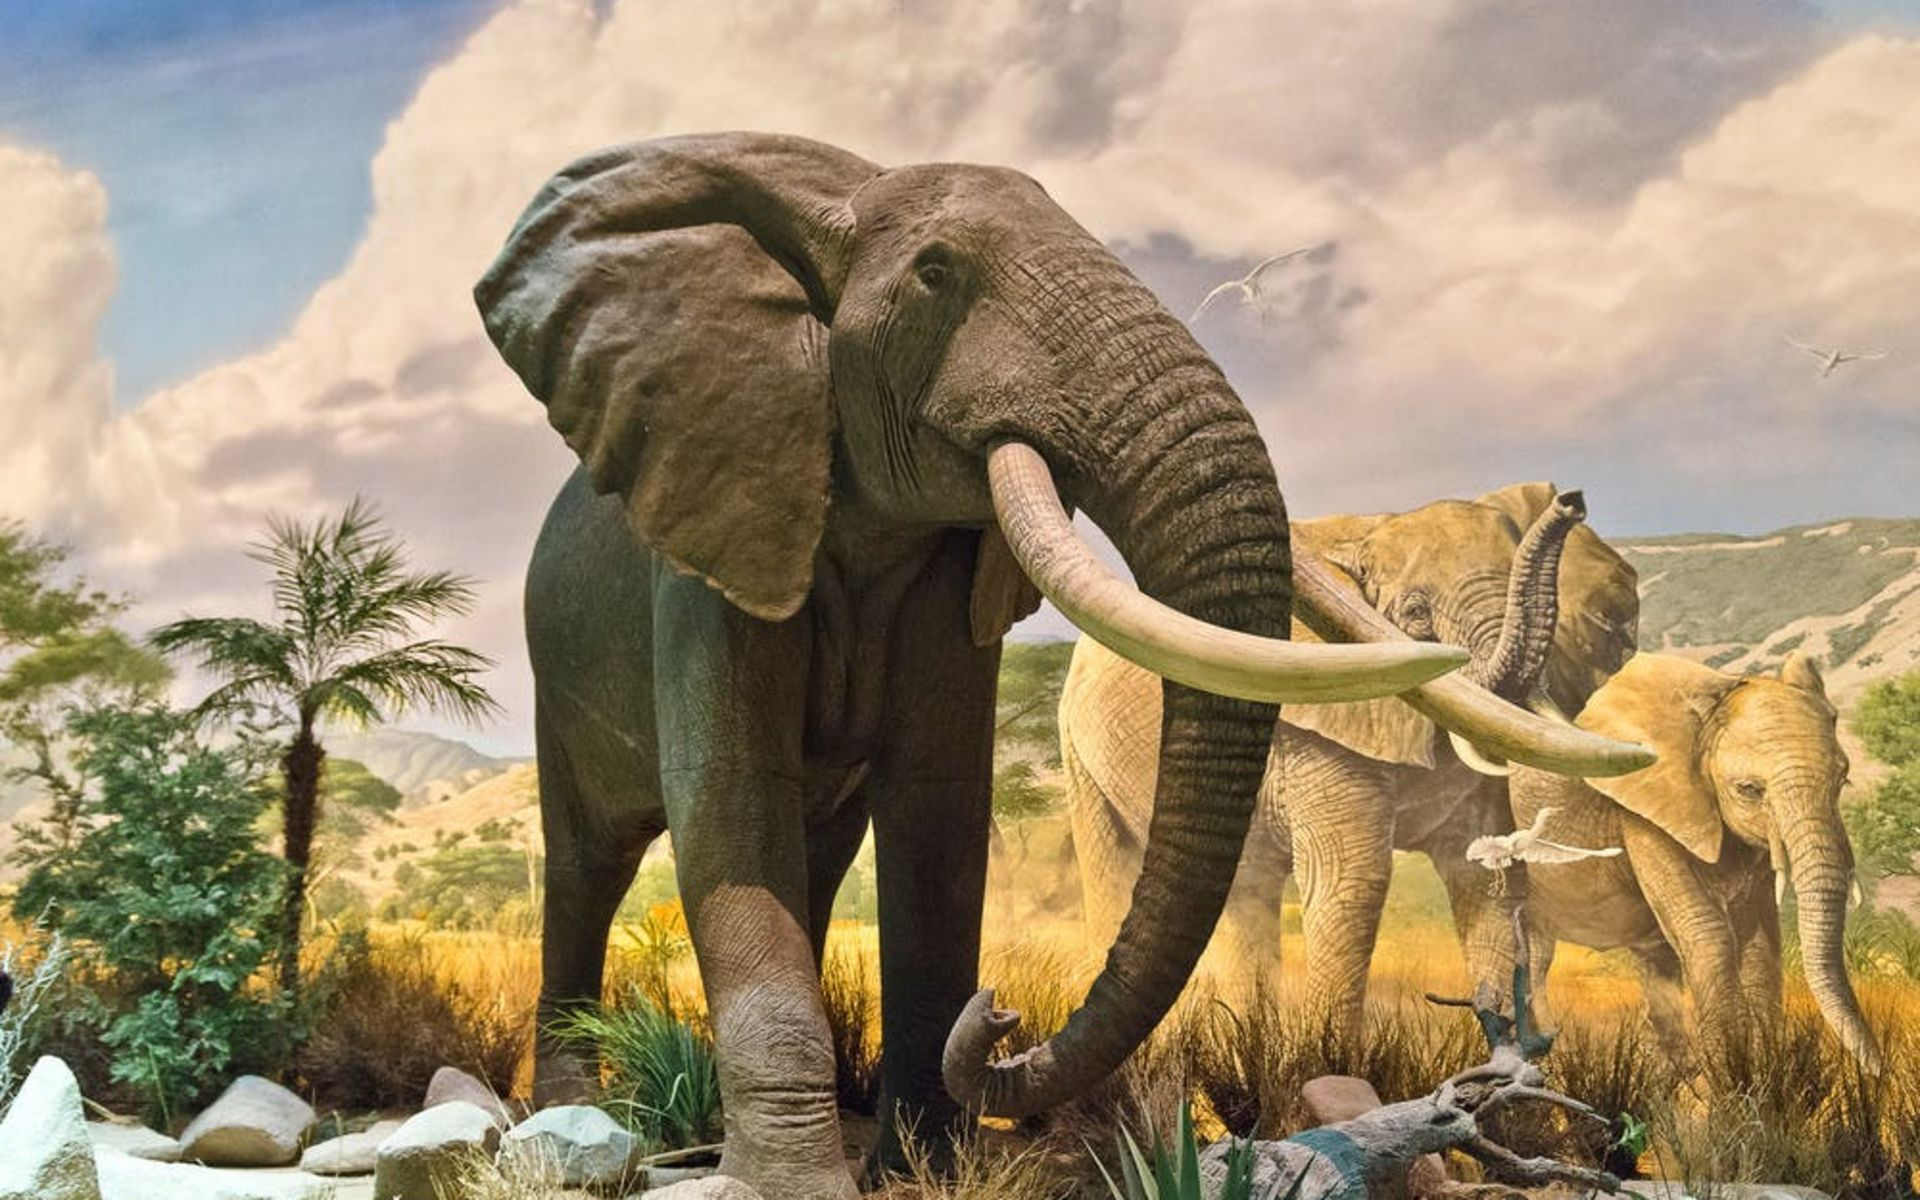 Wonders of Wildlife Wildlife Gallery Elephant